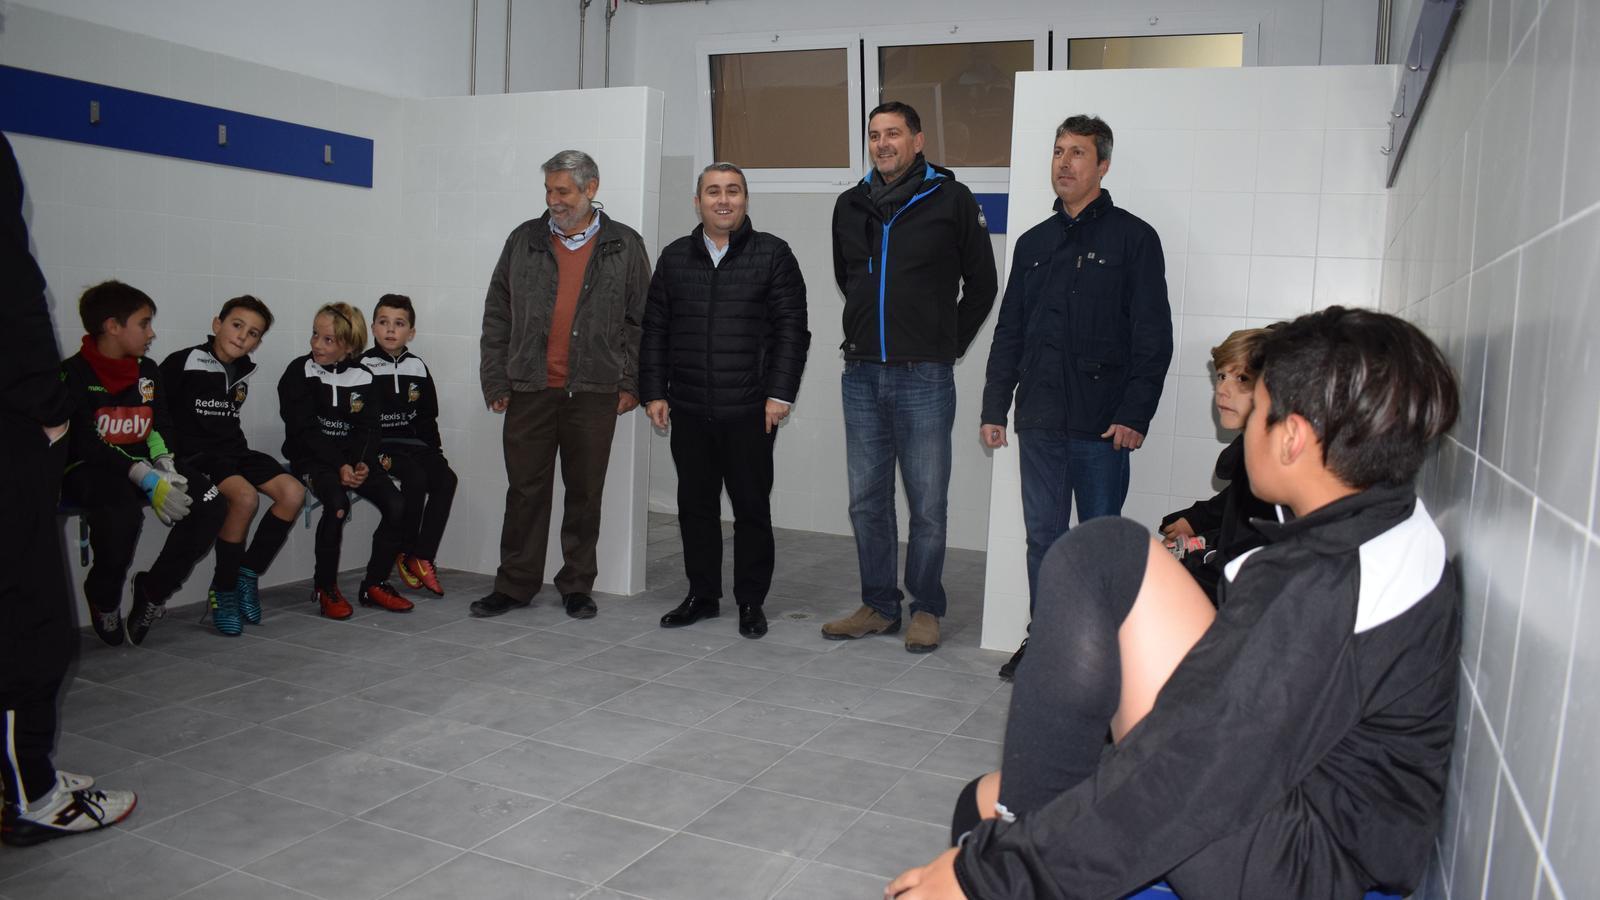 El batle, Virgilio Moreno, i el regidor d'Esports, Gori Ferrà, durant la visita als nous vestidors del poliesportiu Mateu Cañellas.